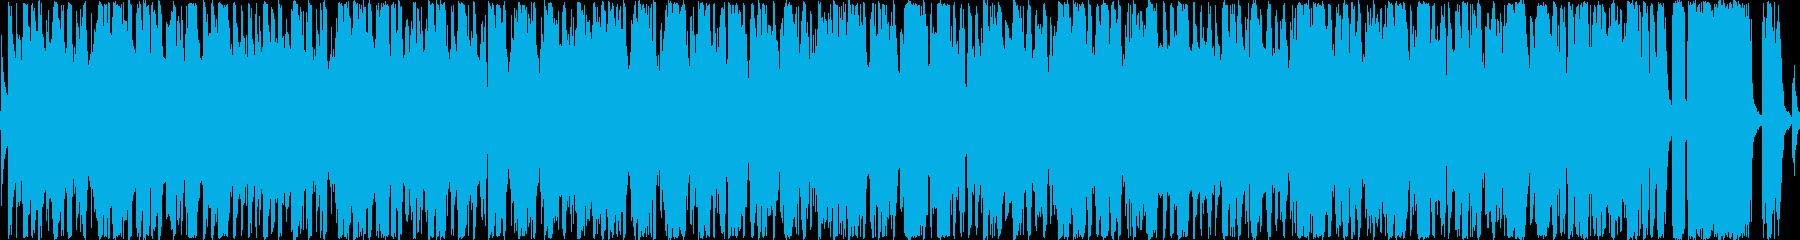 ロシアの民謡風のイメージです。の再生済みの波形